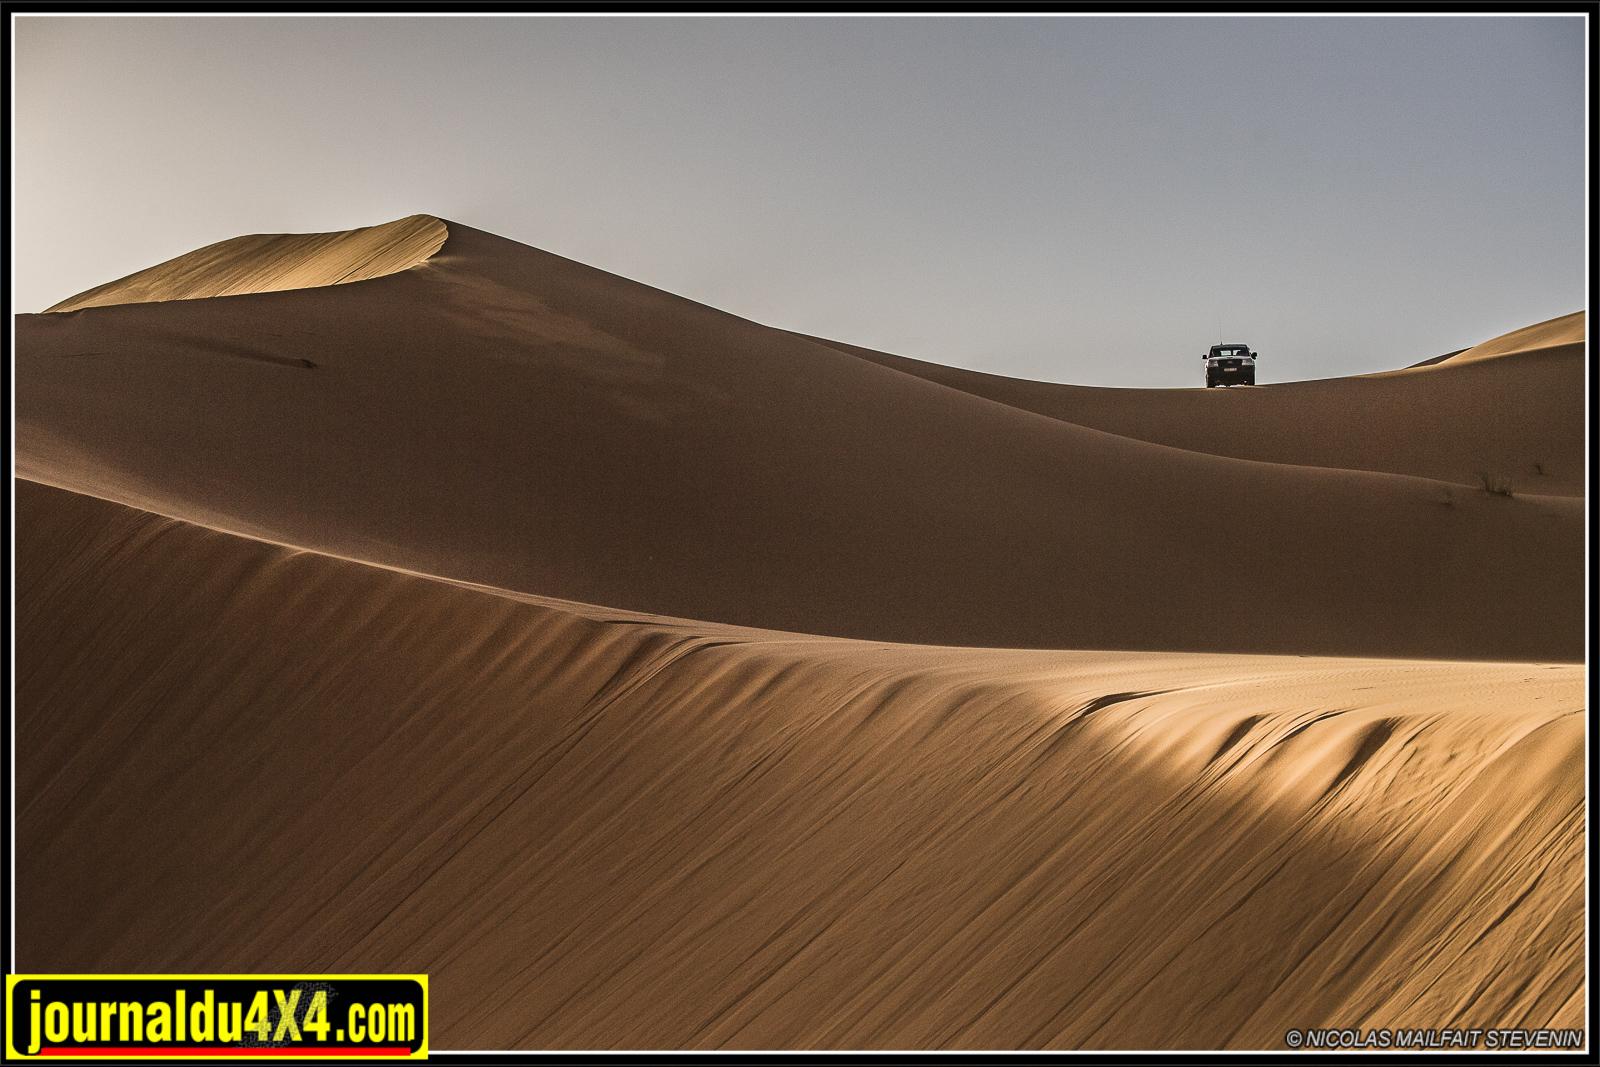 Merci Christophe de nous avoir emmené au sommet de dunes